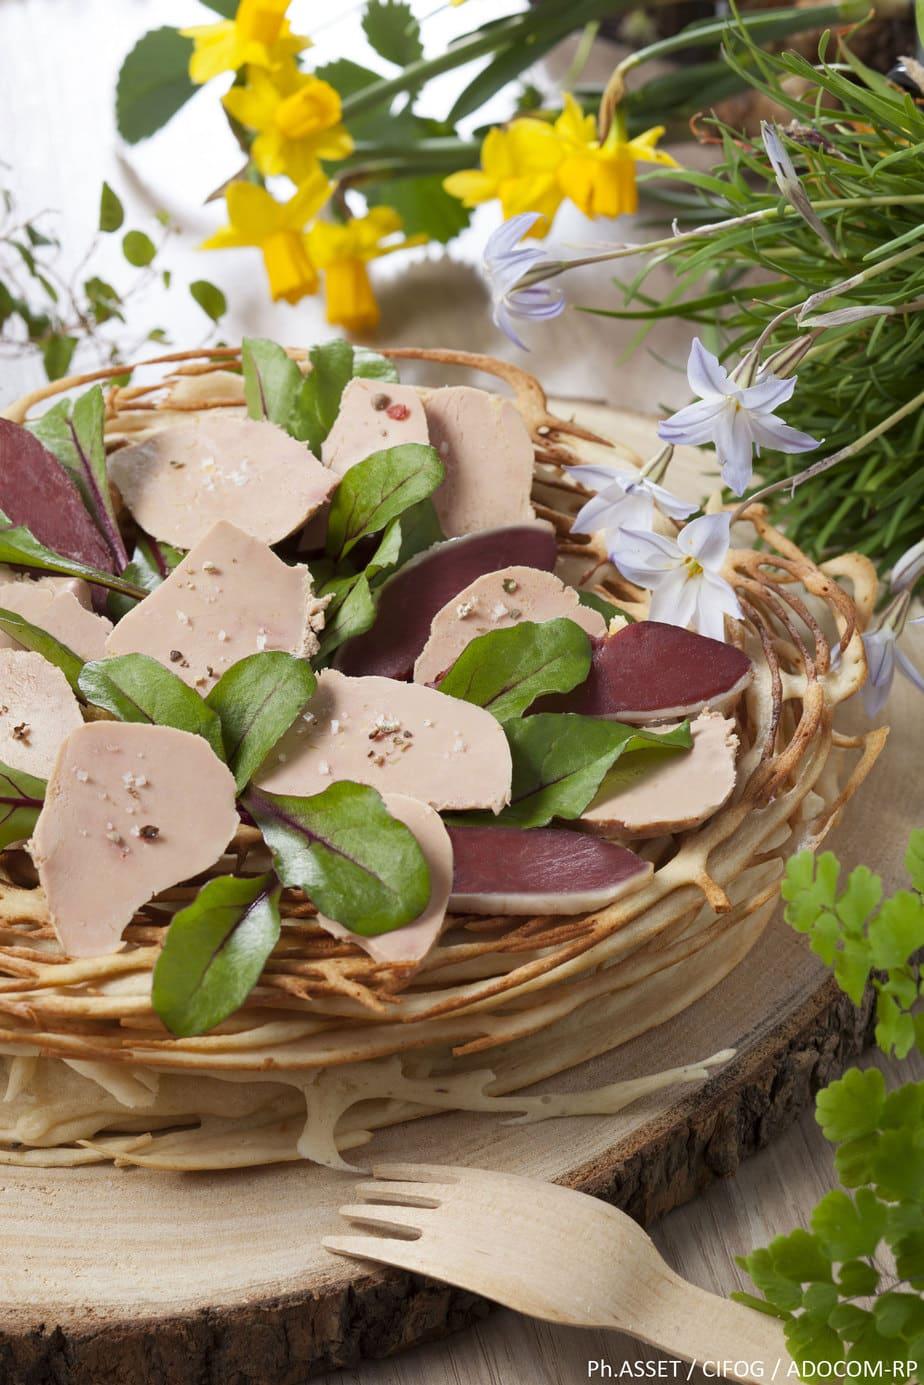 Le nid au Foie Gras et magret en pâte à gaufre - Ph.ASSET / CIFOG / ADOCOM-RP